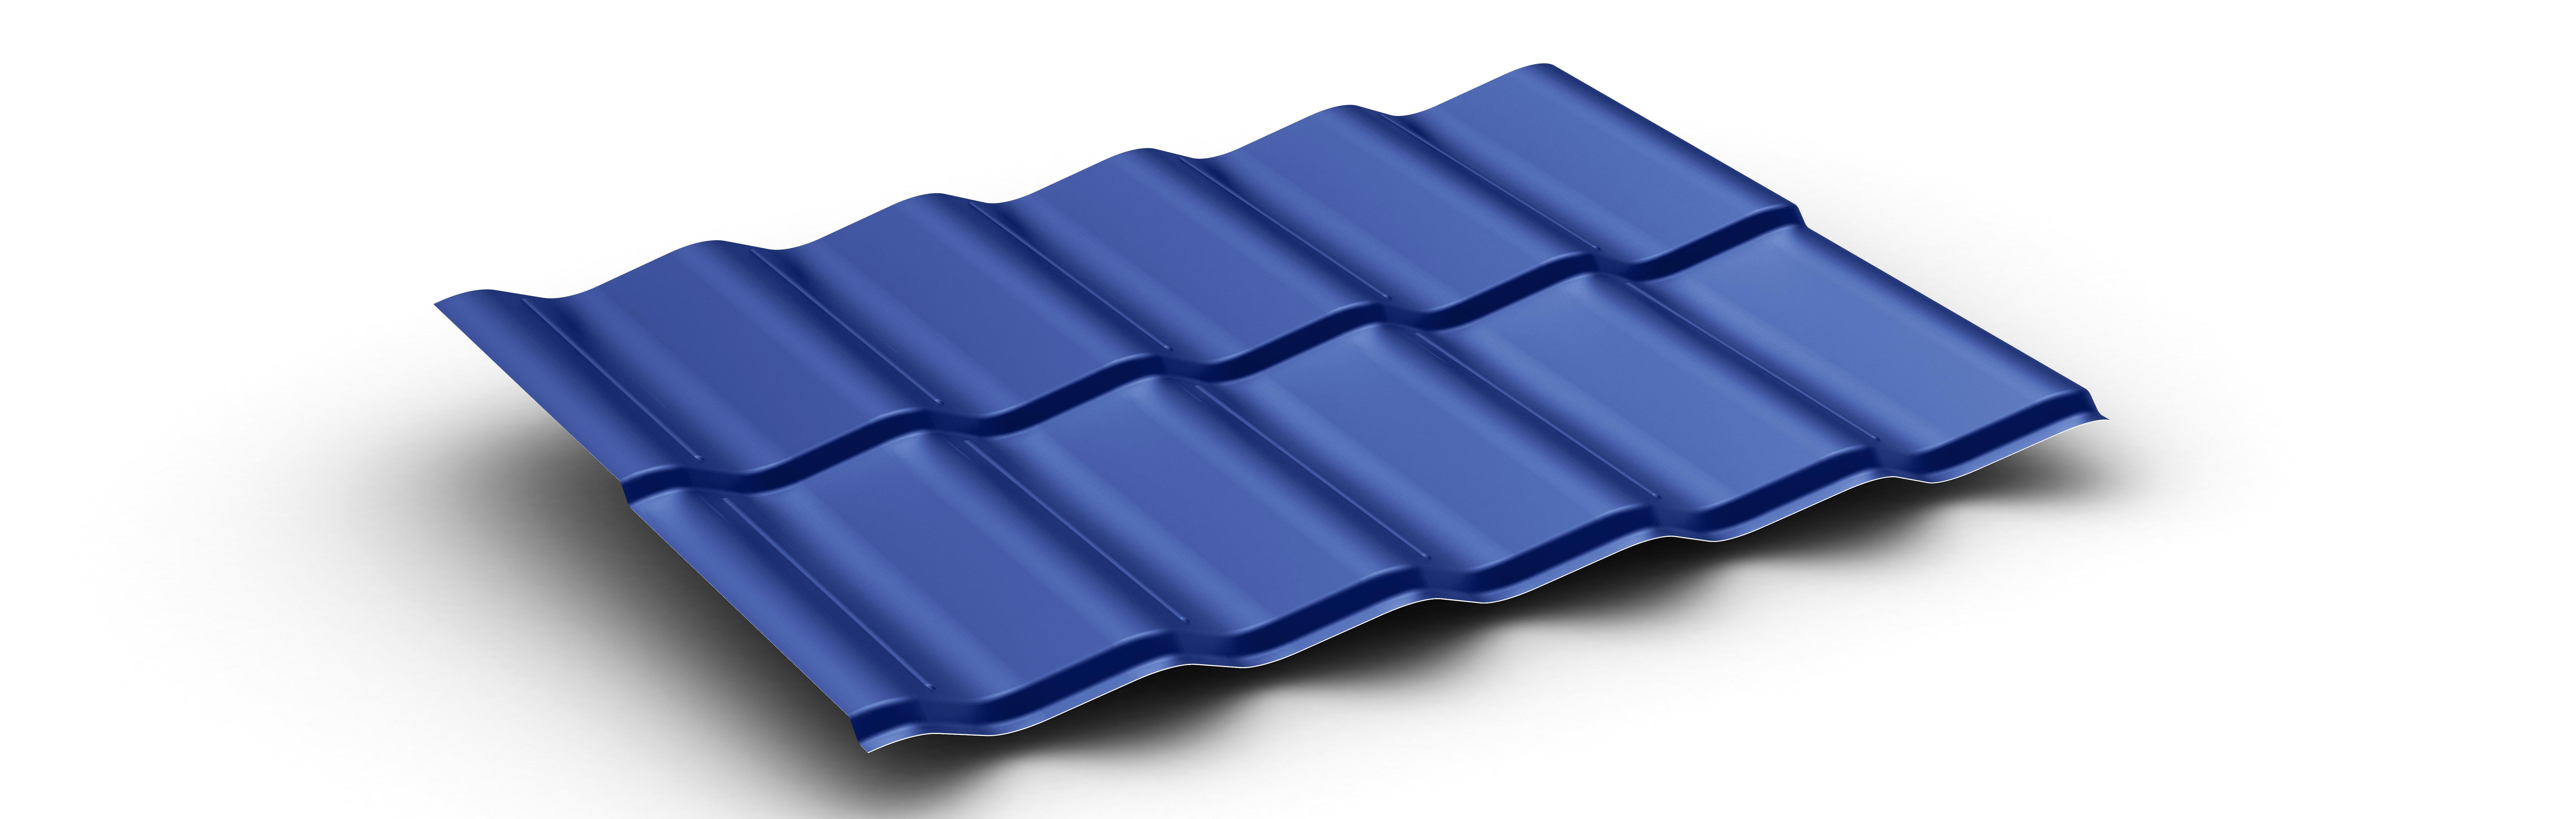 Met-Tile Metal Roof Tiles - Steel Roof Tiles | McElroy Metal